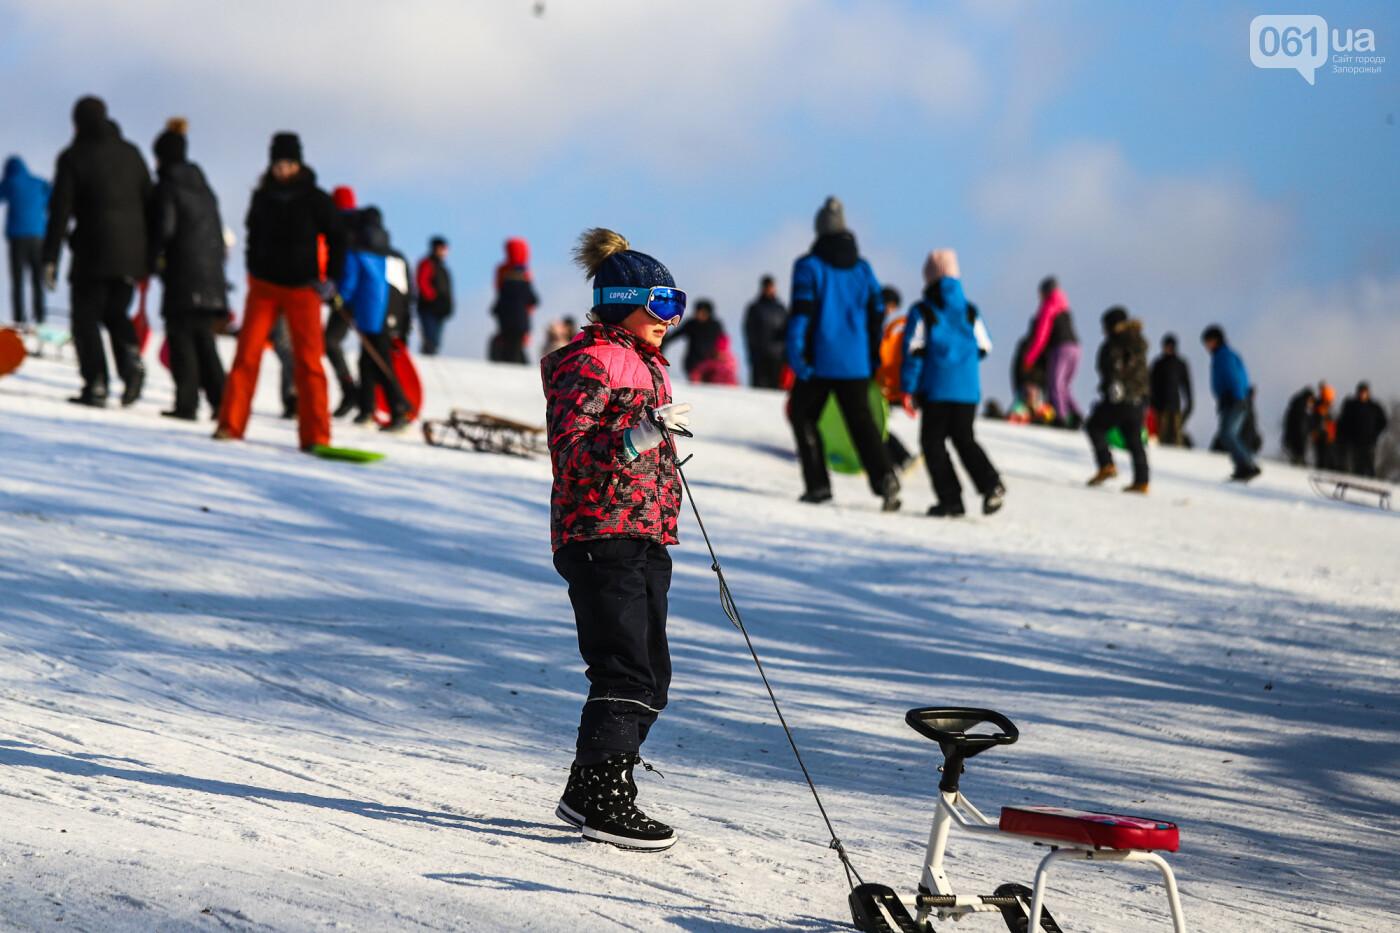 На санках, лыжах и сноуборде: запорожцы устроили массовое катание с горок в Вознесеновском парке, - ФОТОРЕПОРТАЖ, фото-21